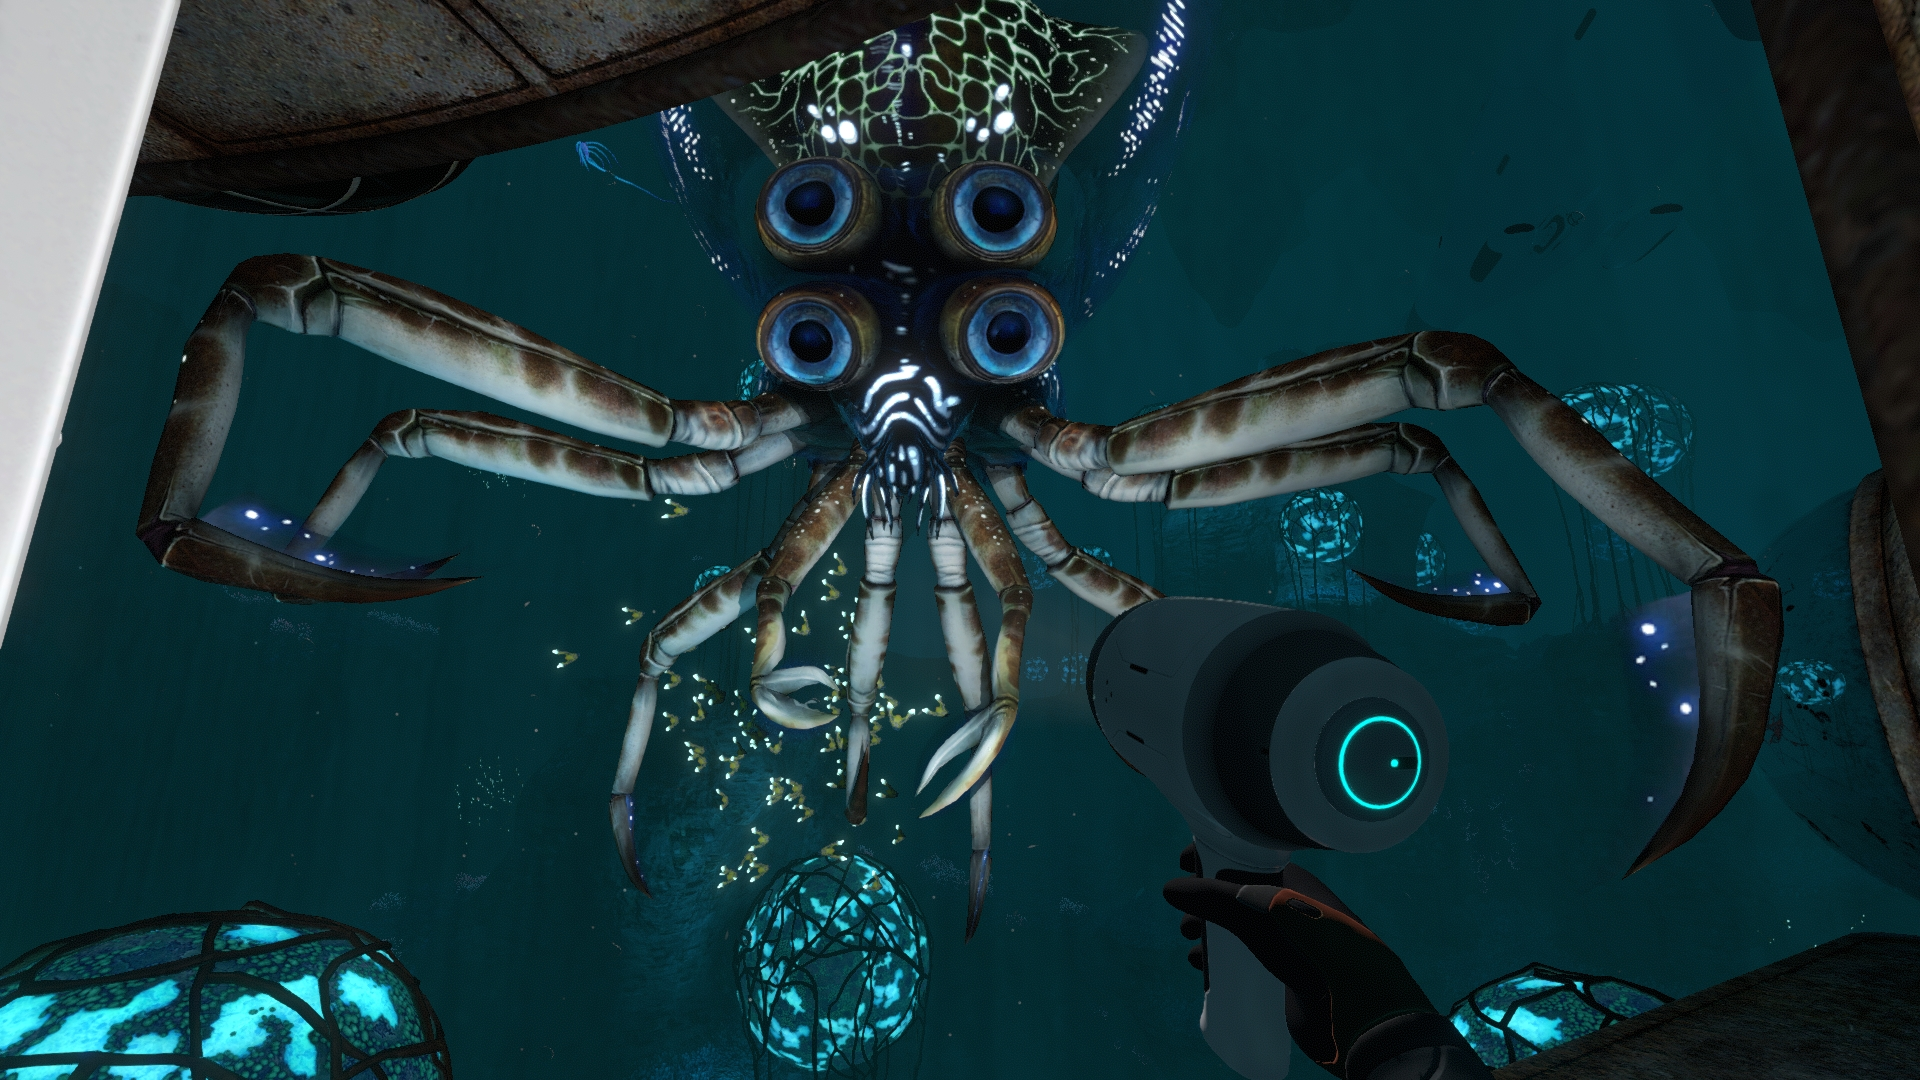 У кого 4 глаза - тот похож на водолаза! - Subnautica